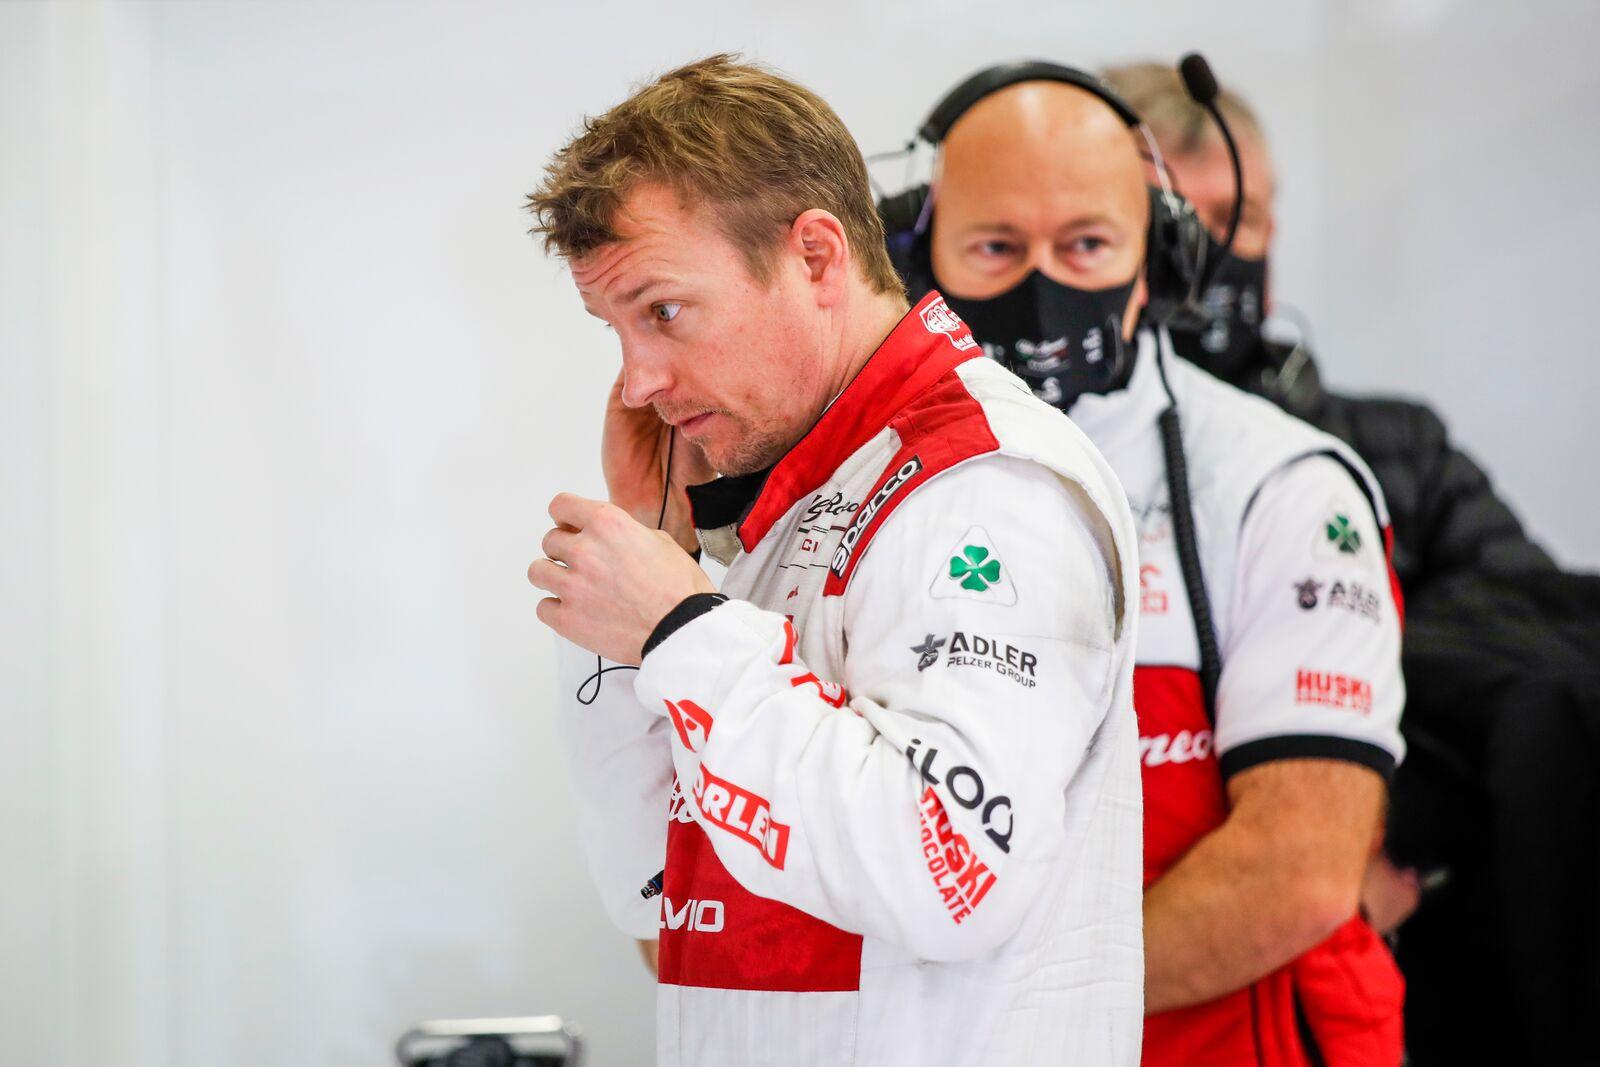 F1: Räikkönent megdöbbentette, milyen drága lett a gokartozás